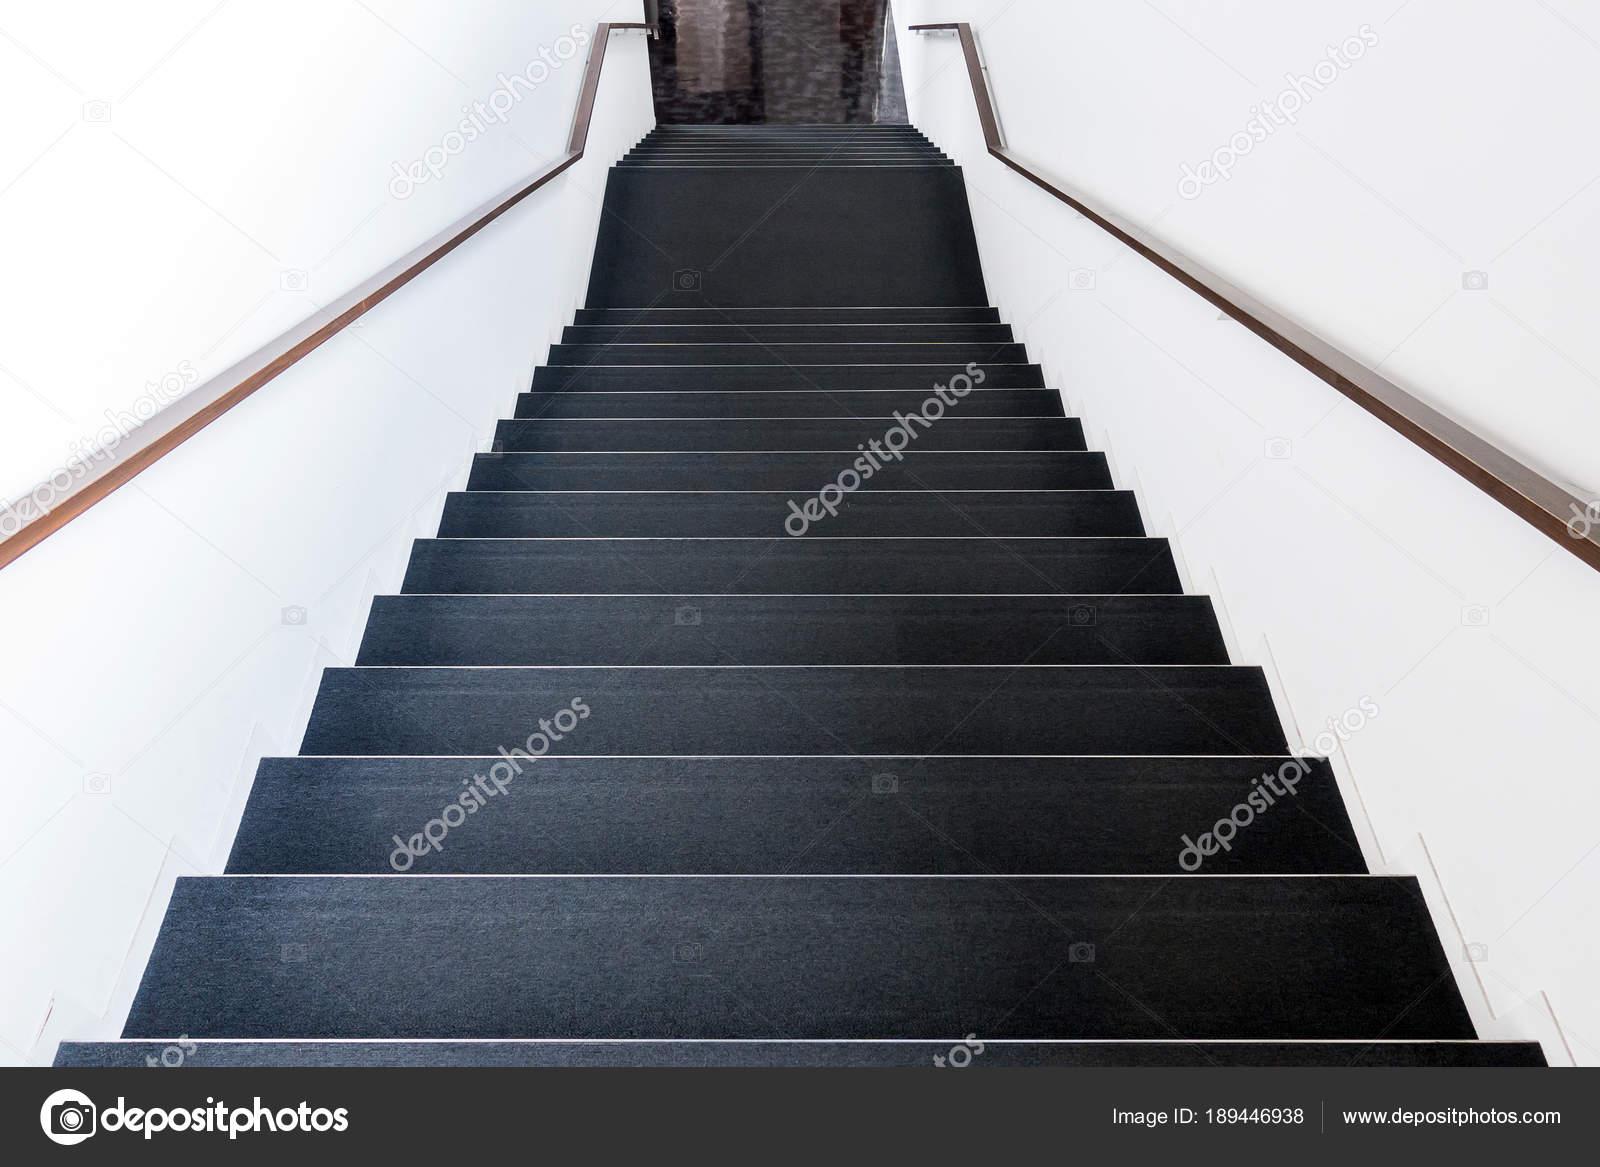 Klassische Treppen schwarze klassische treppen mit handlauf stockfoto vichie81